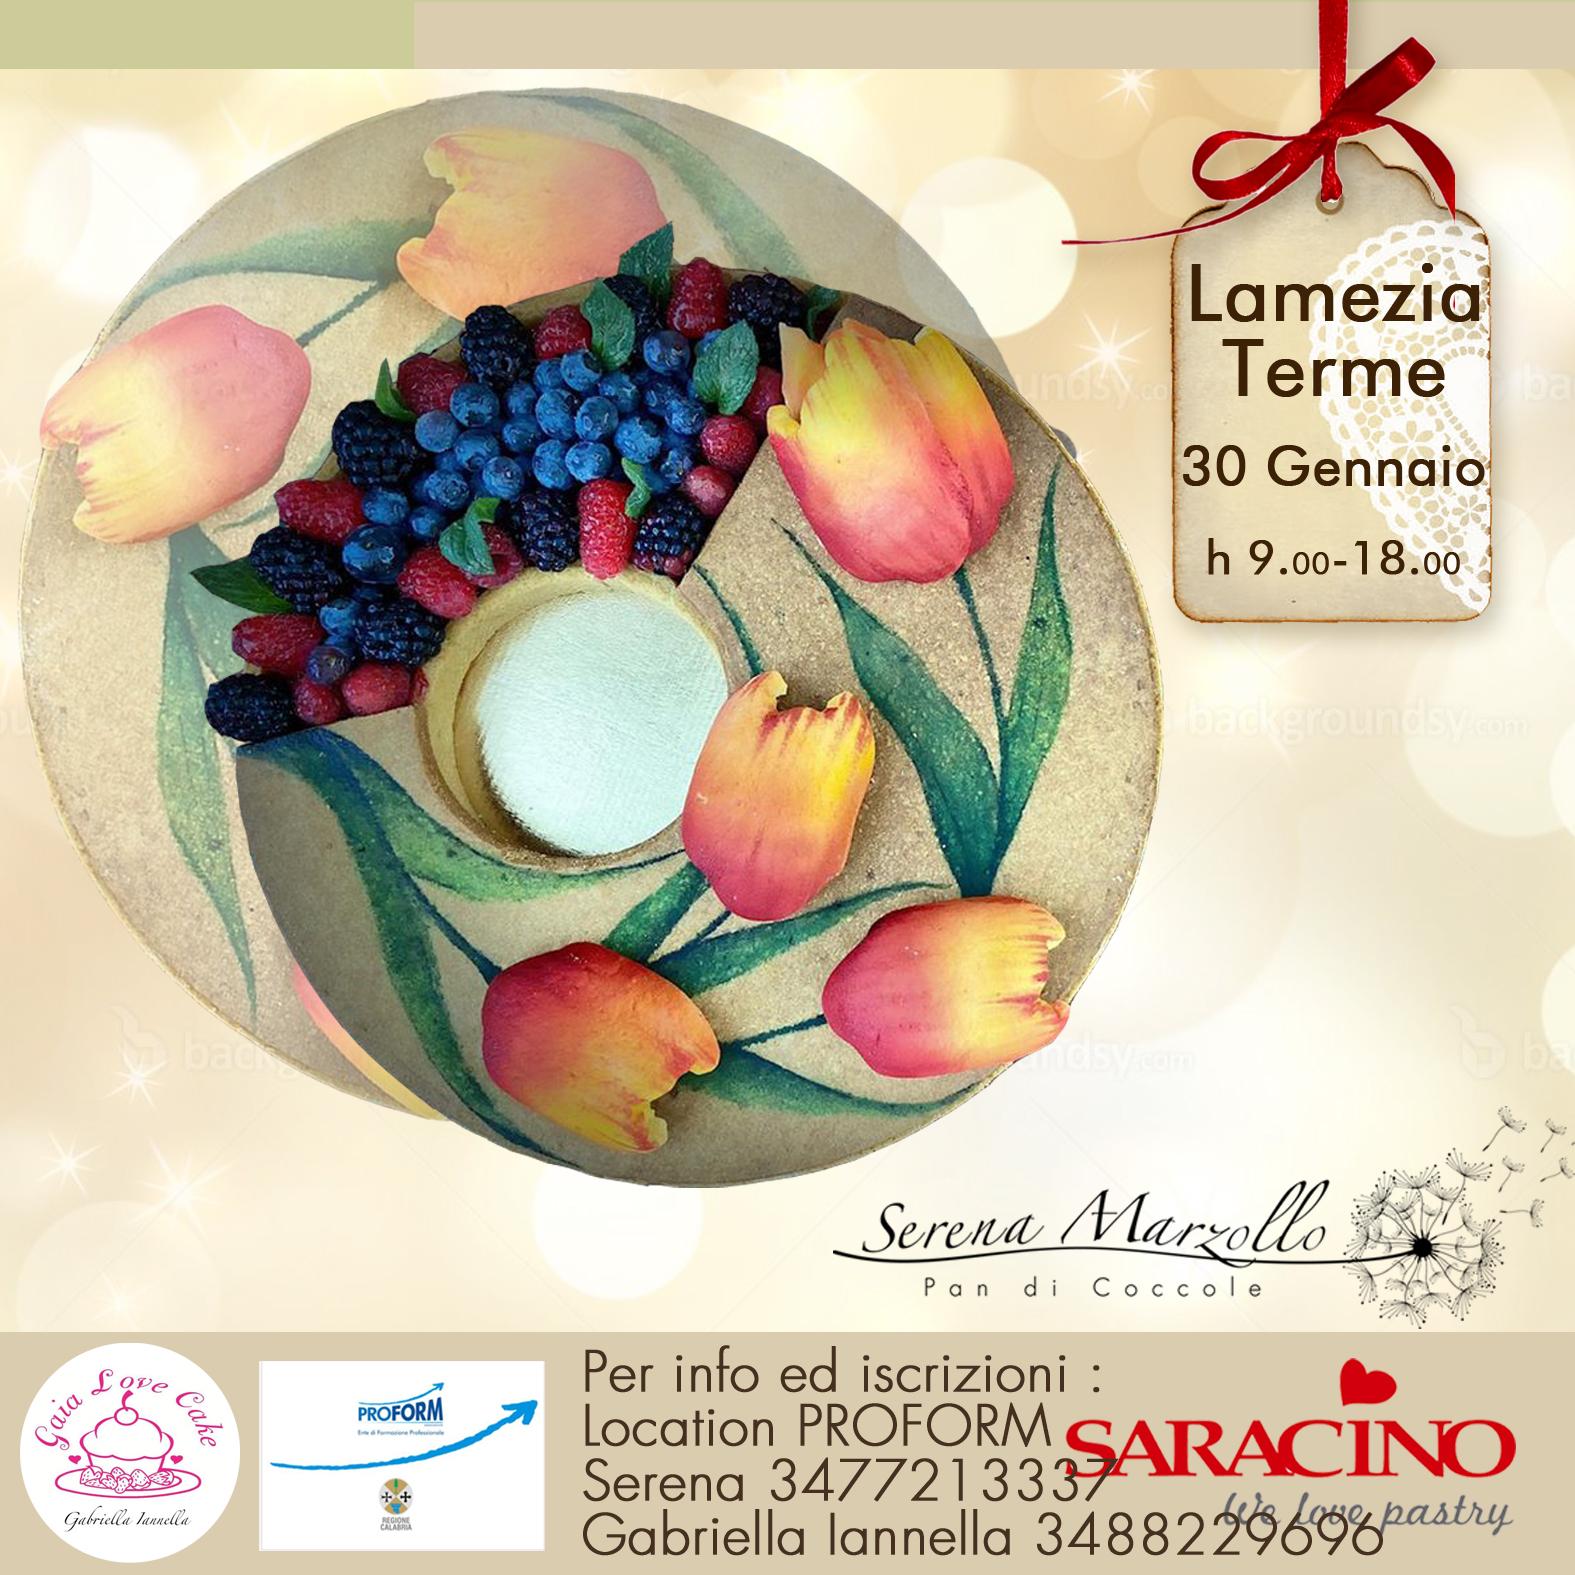 Crostate Artistiche _ Lamezia Terme